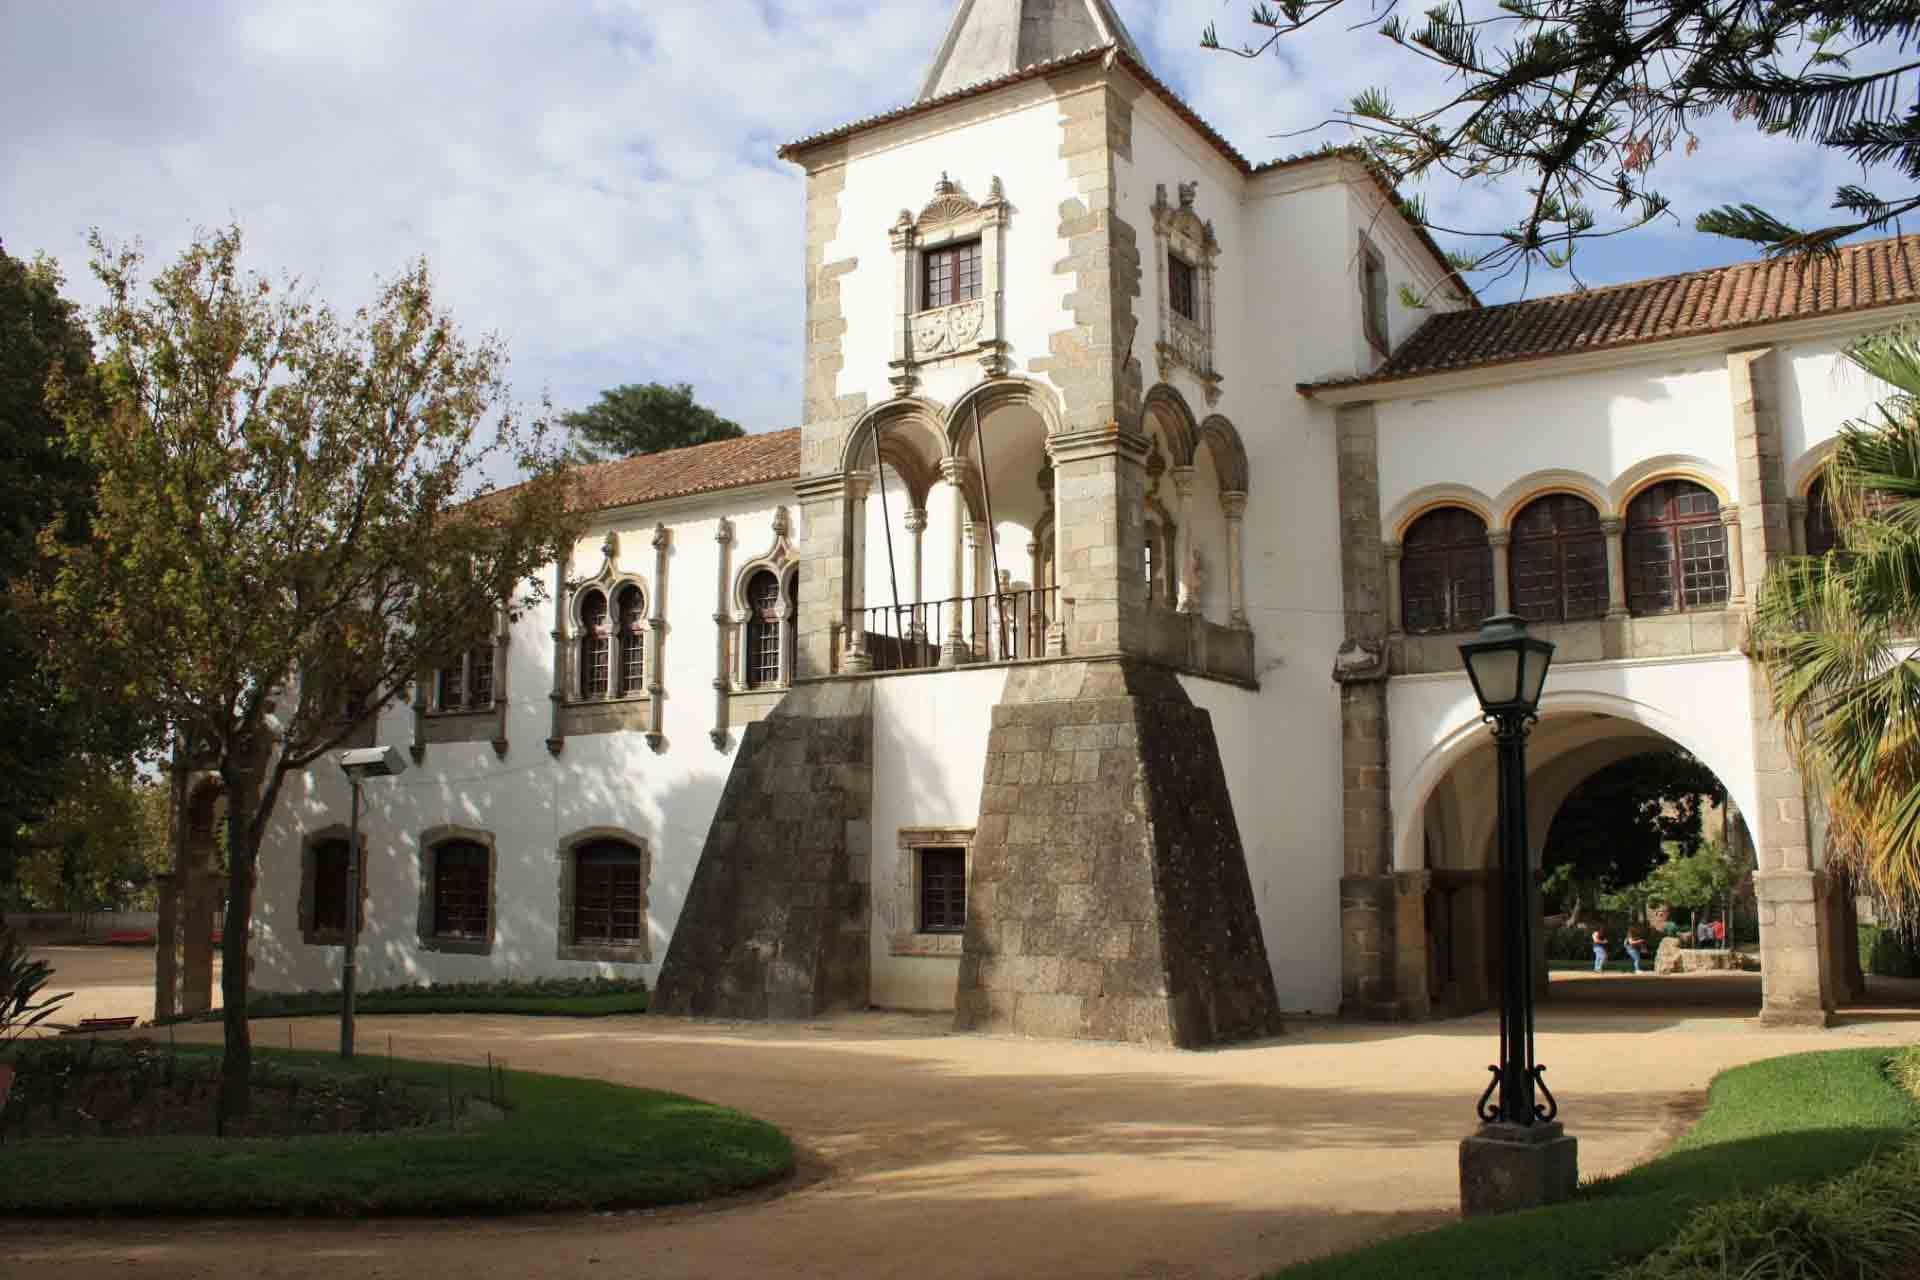 Palacio-de-Dom-Manuel